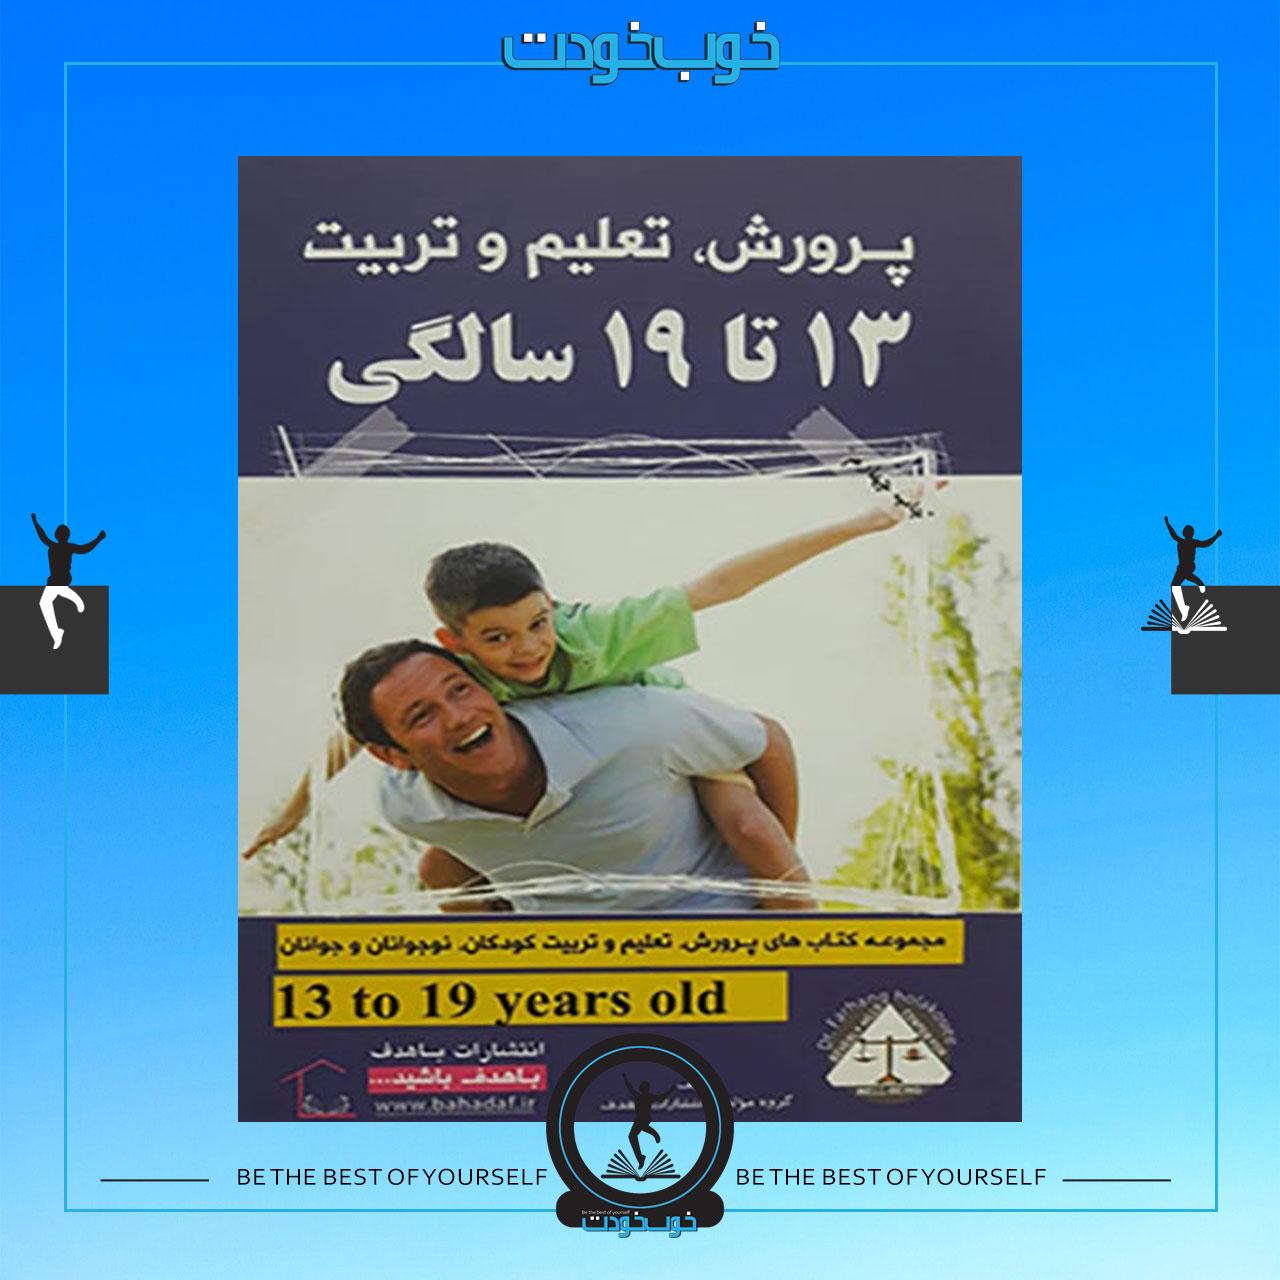 کتاب پرورش تعلیم و تربیت ۱۳ تا ۱۹ سالگی استاد هلاکویی